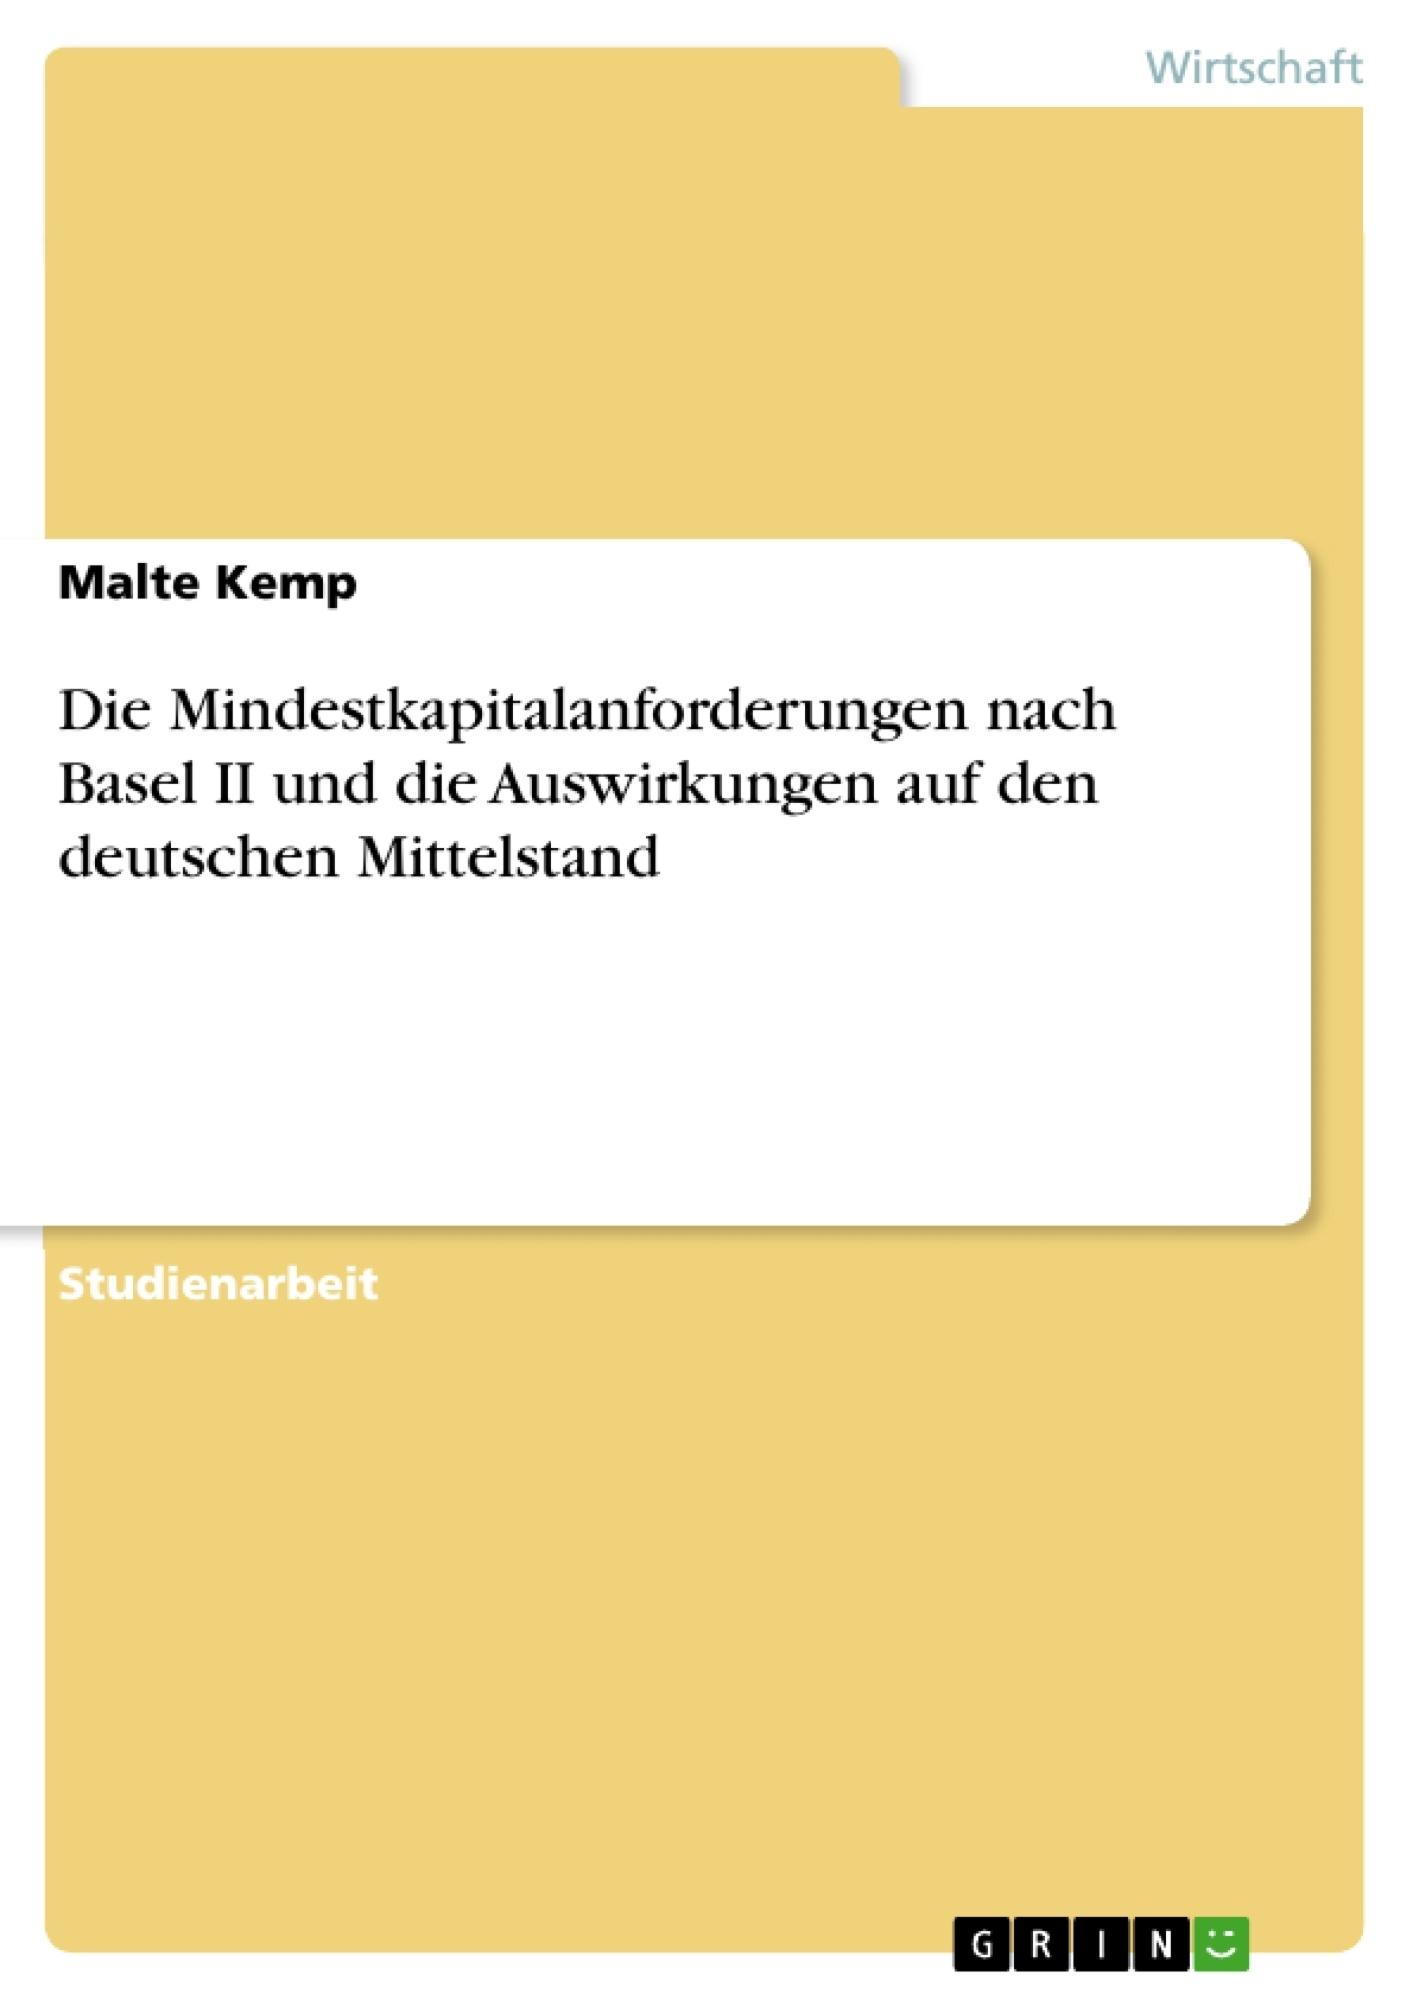 Titel: Die Mindestkapitalanforderungen nach Basel II und die Auswirkungen auf den deutschen Mittelstand